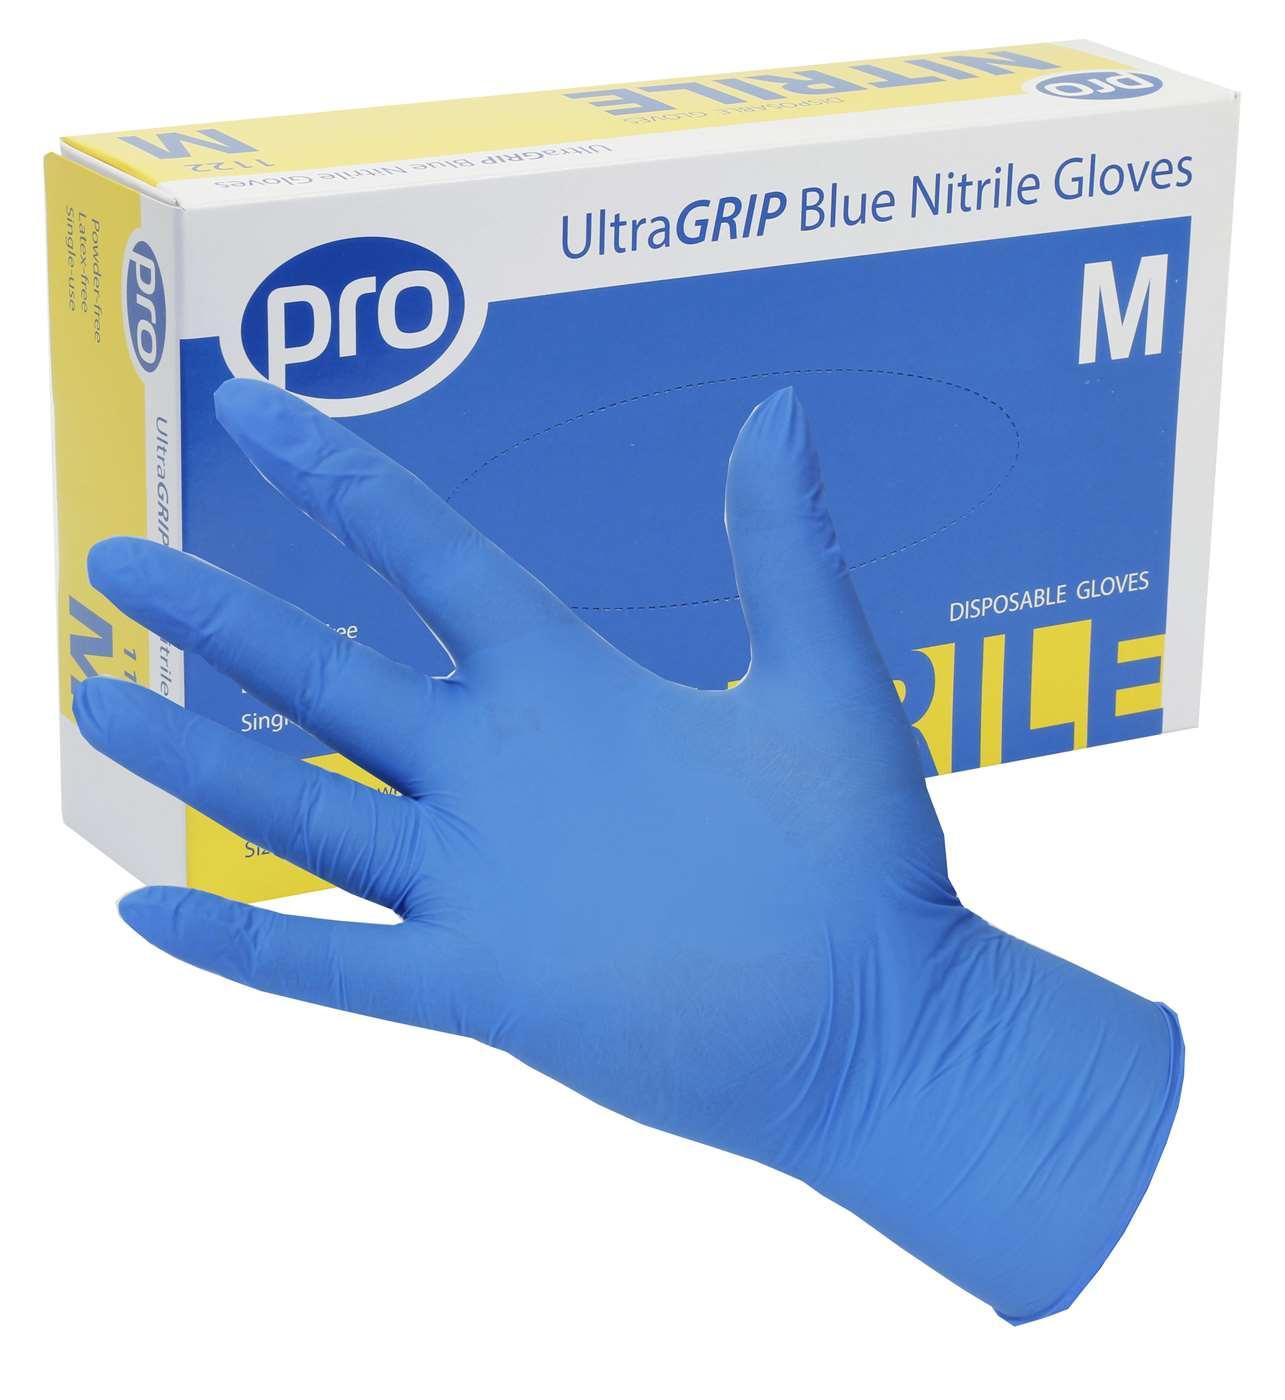 PRO UltraGRIP Blue Nitrile Gloves